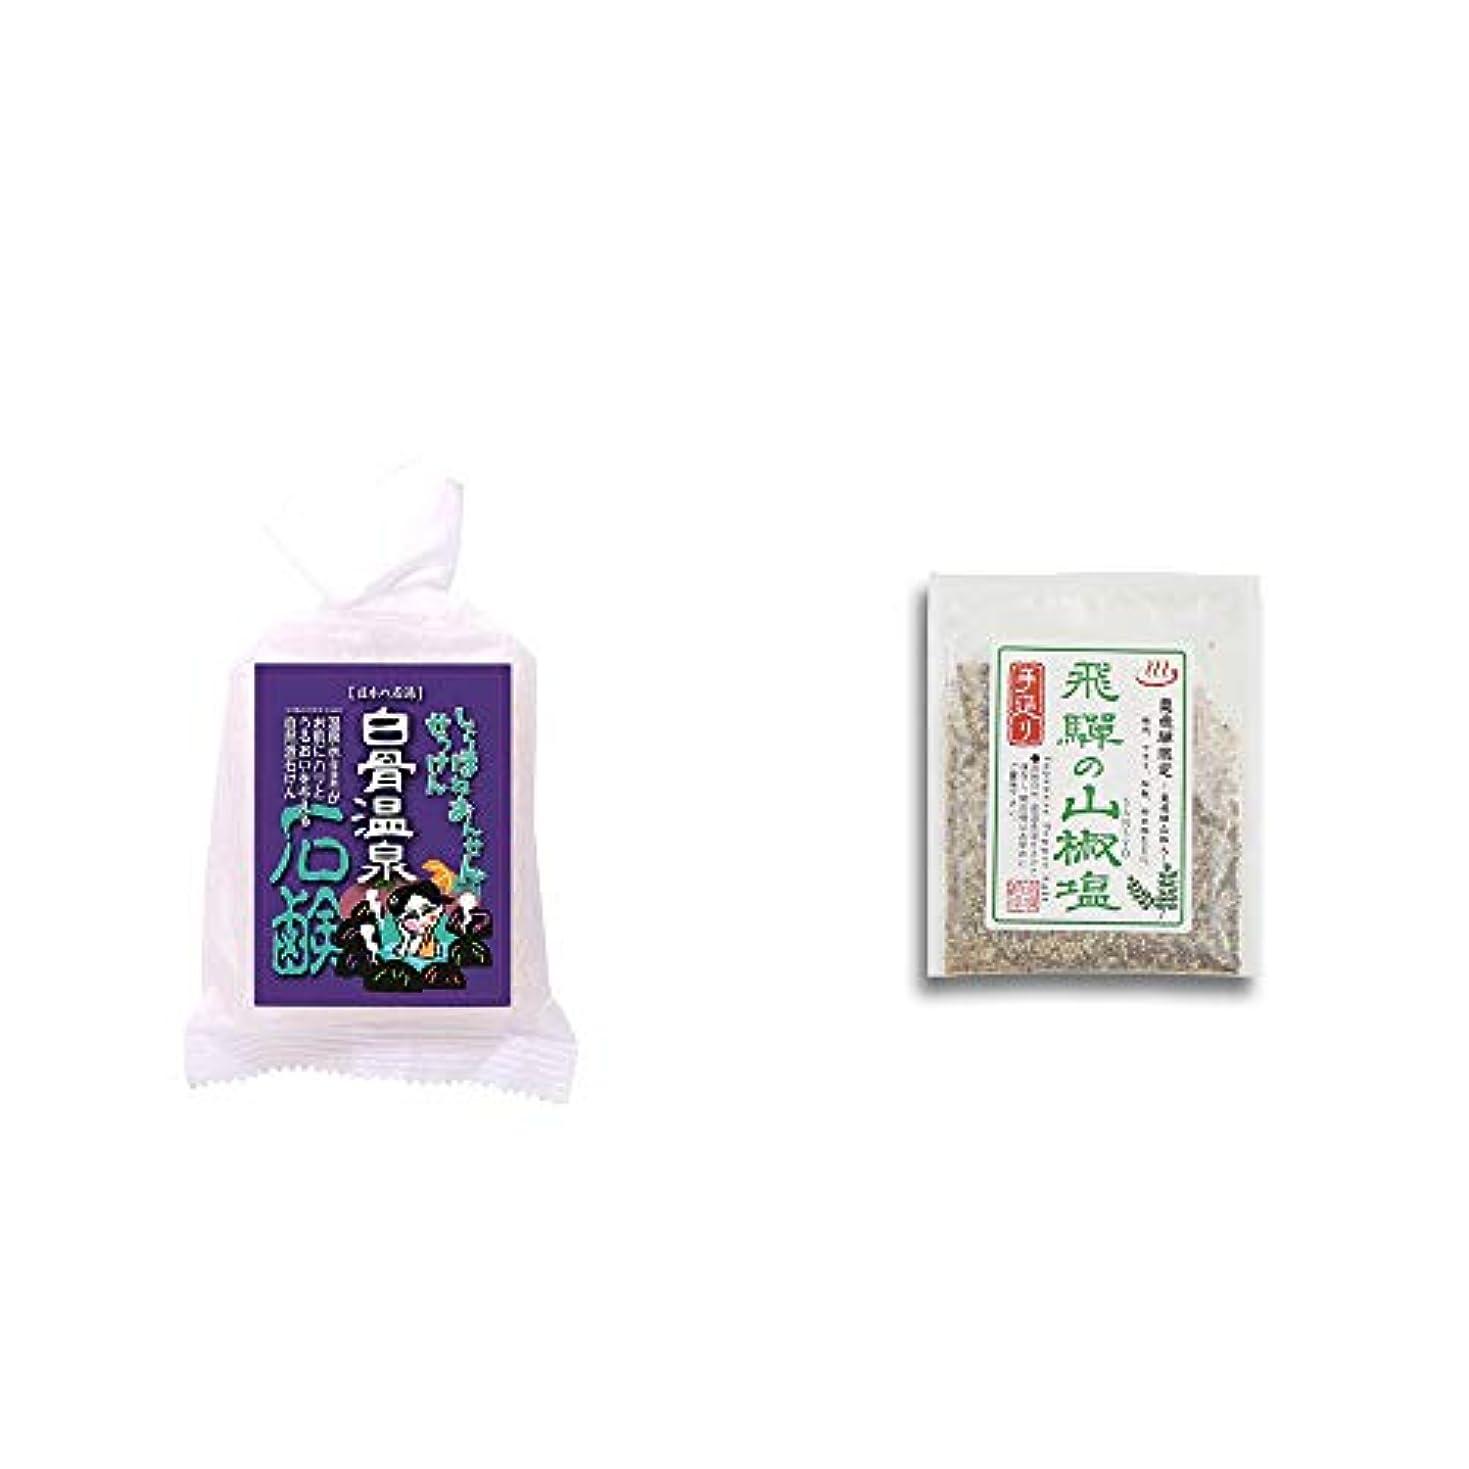 本会議機械的に乳[2点セット] 信州 白骨温泉石鹸(80g)?手造り 飛騨の山椒塩(40g)